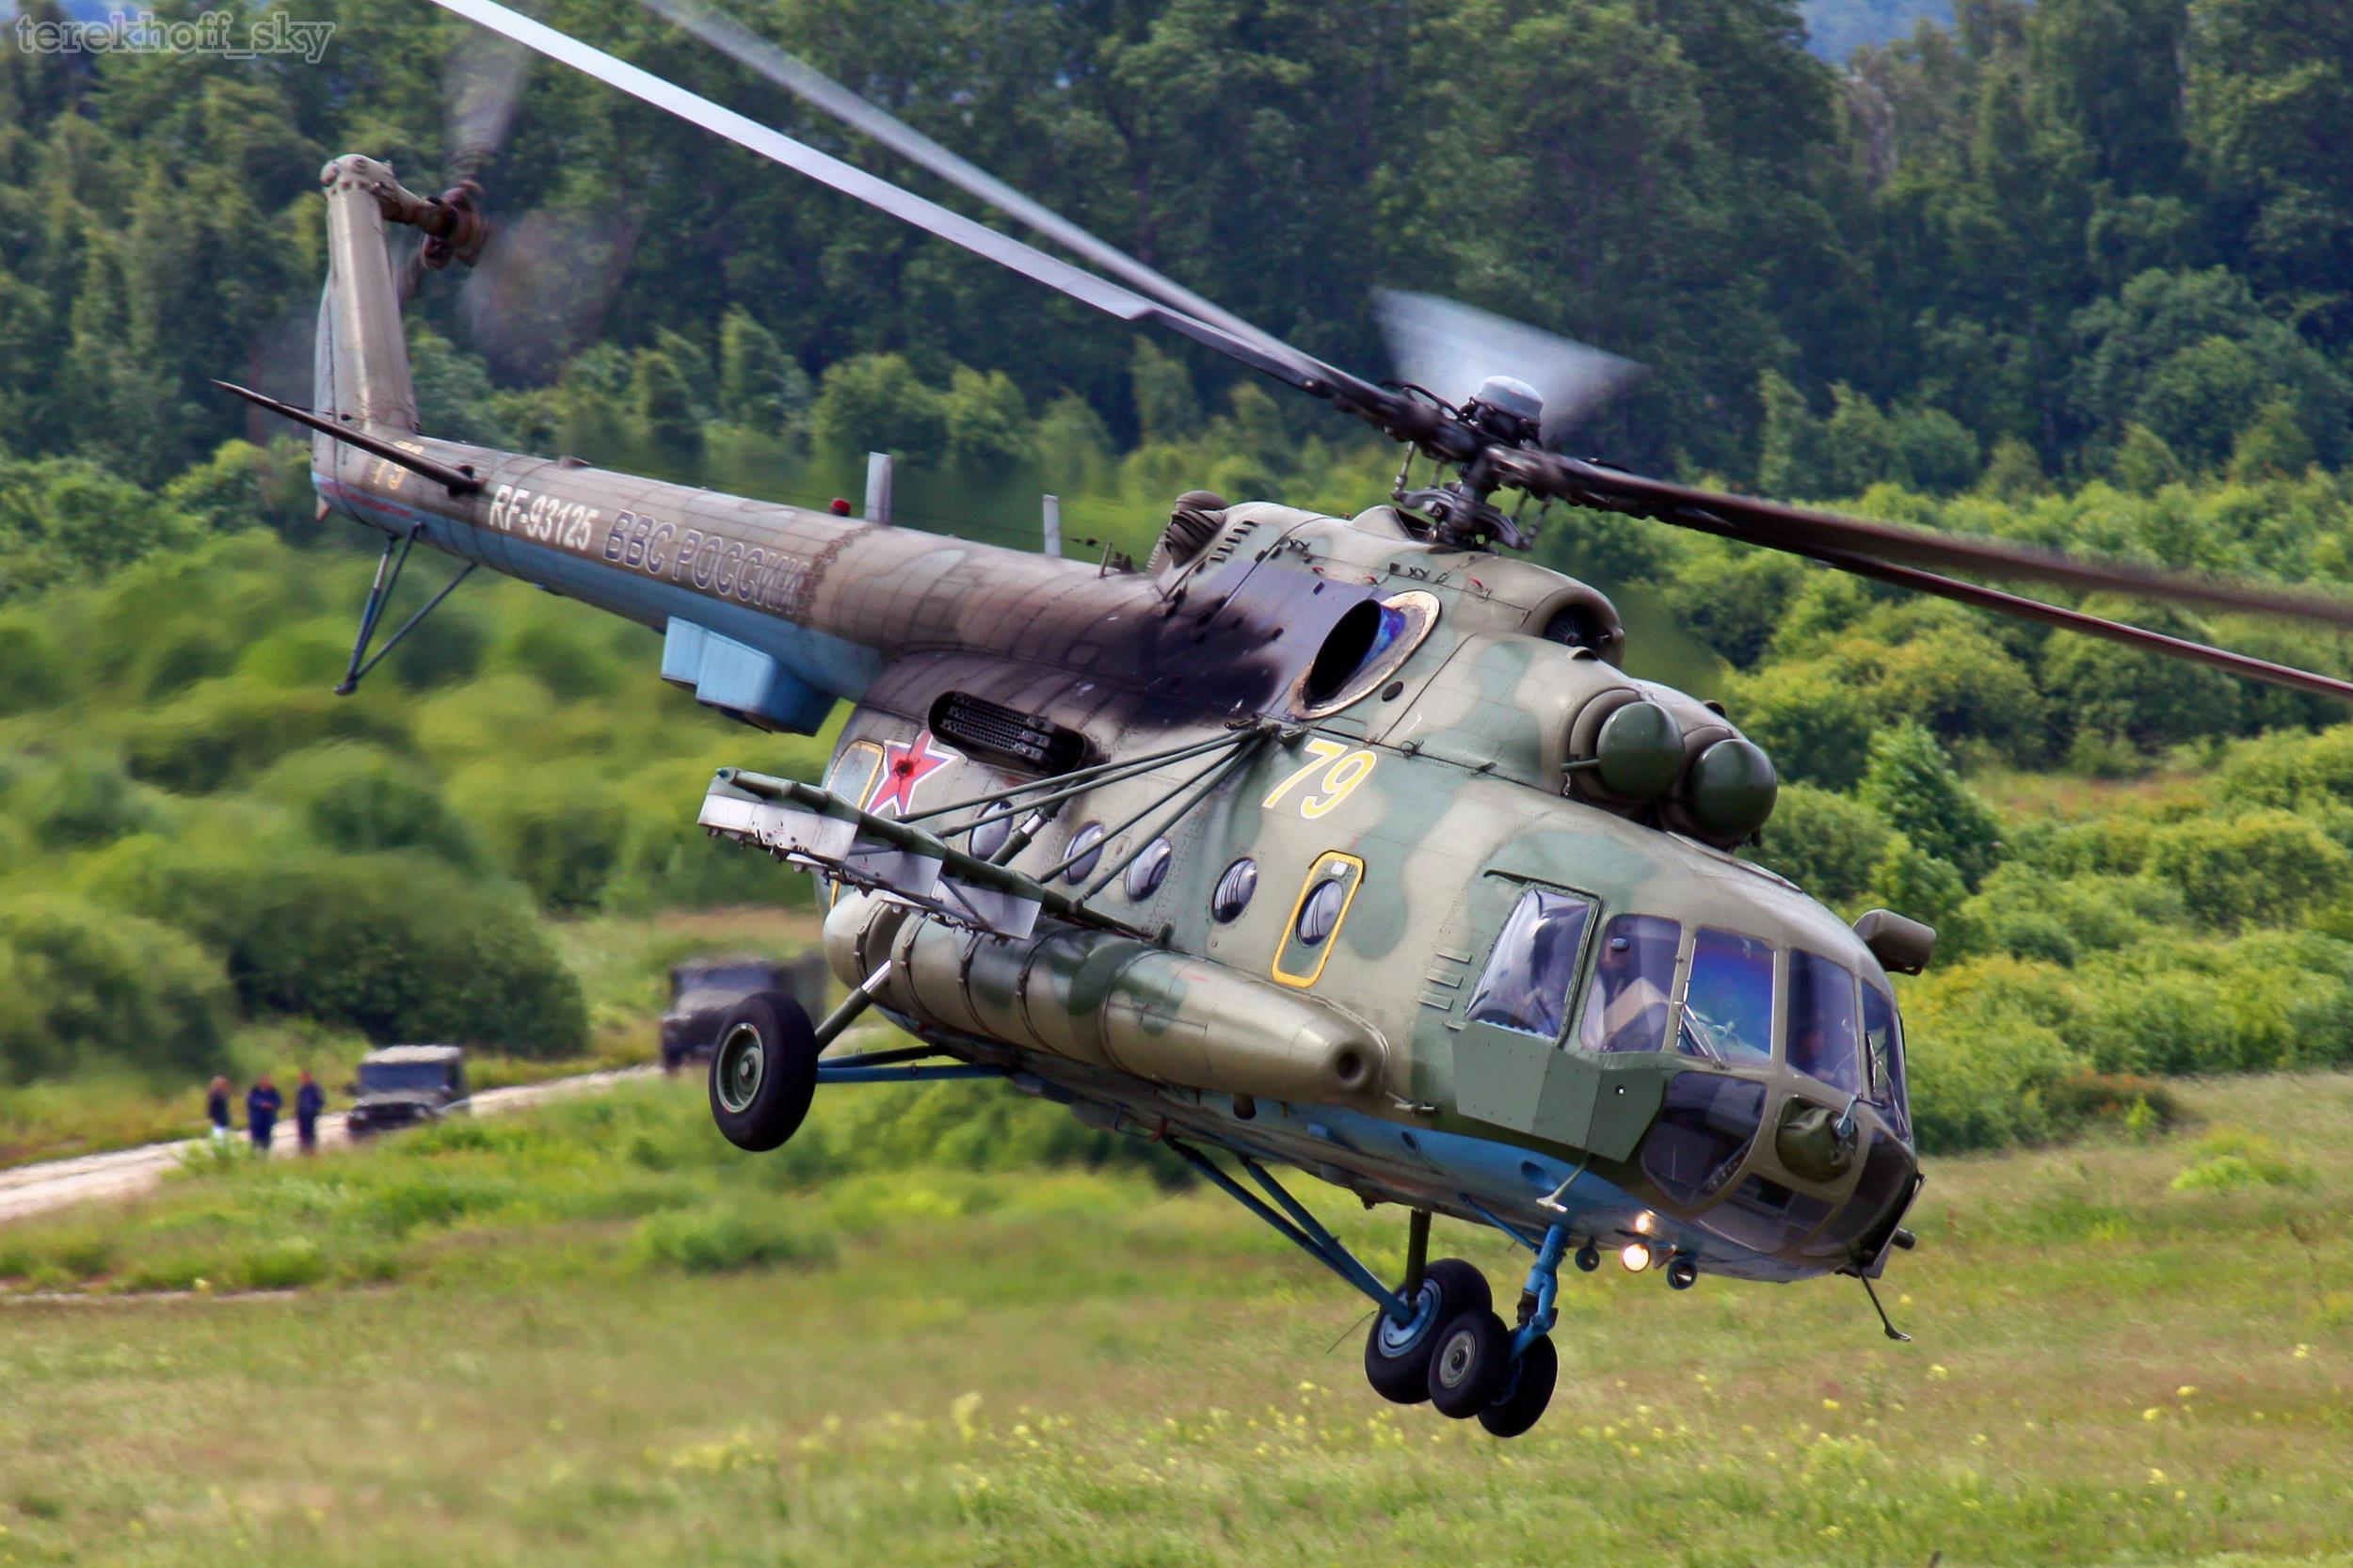 В захваченном боевиками Афганистане остается больше 100 российских вертолетов